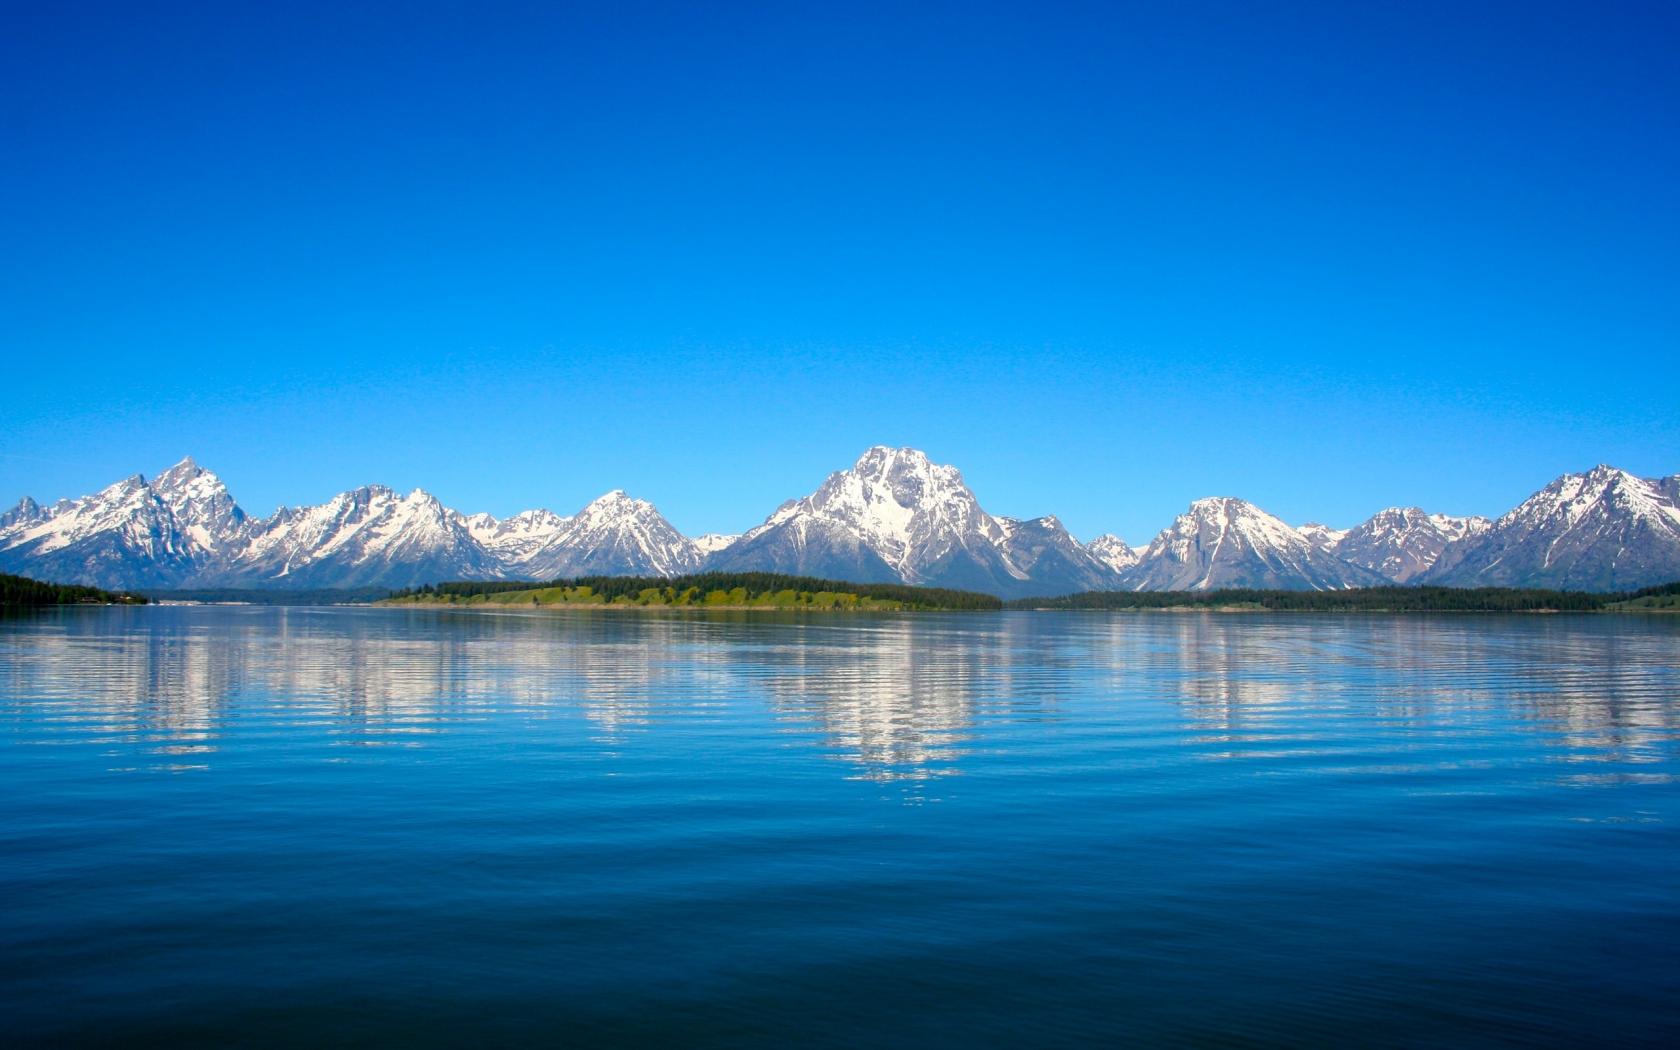 Lago y montañas - 1680x1050